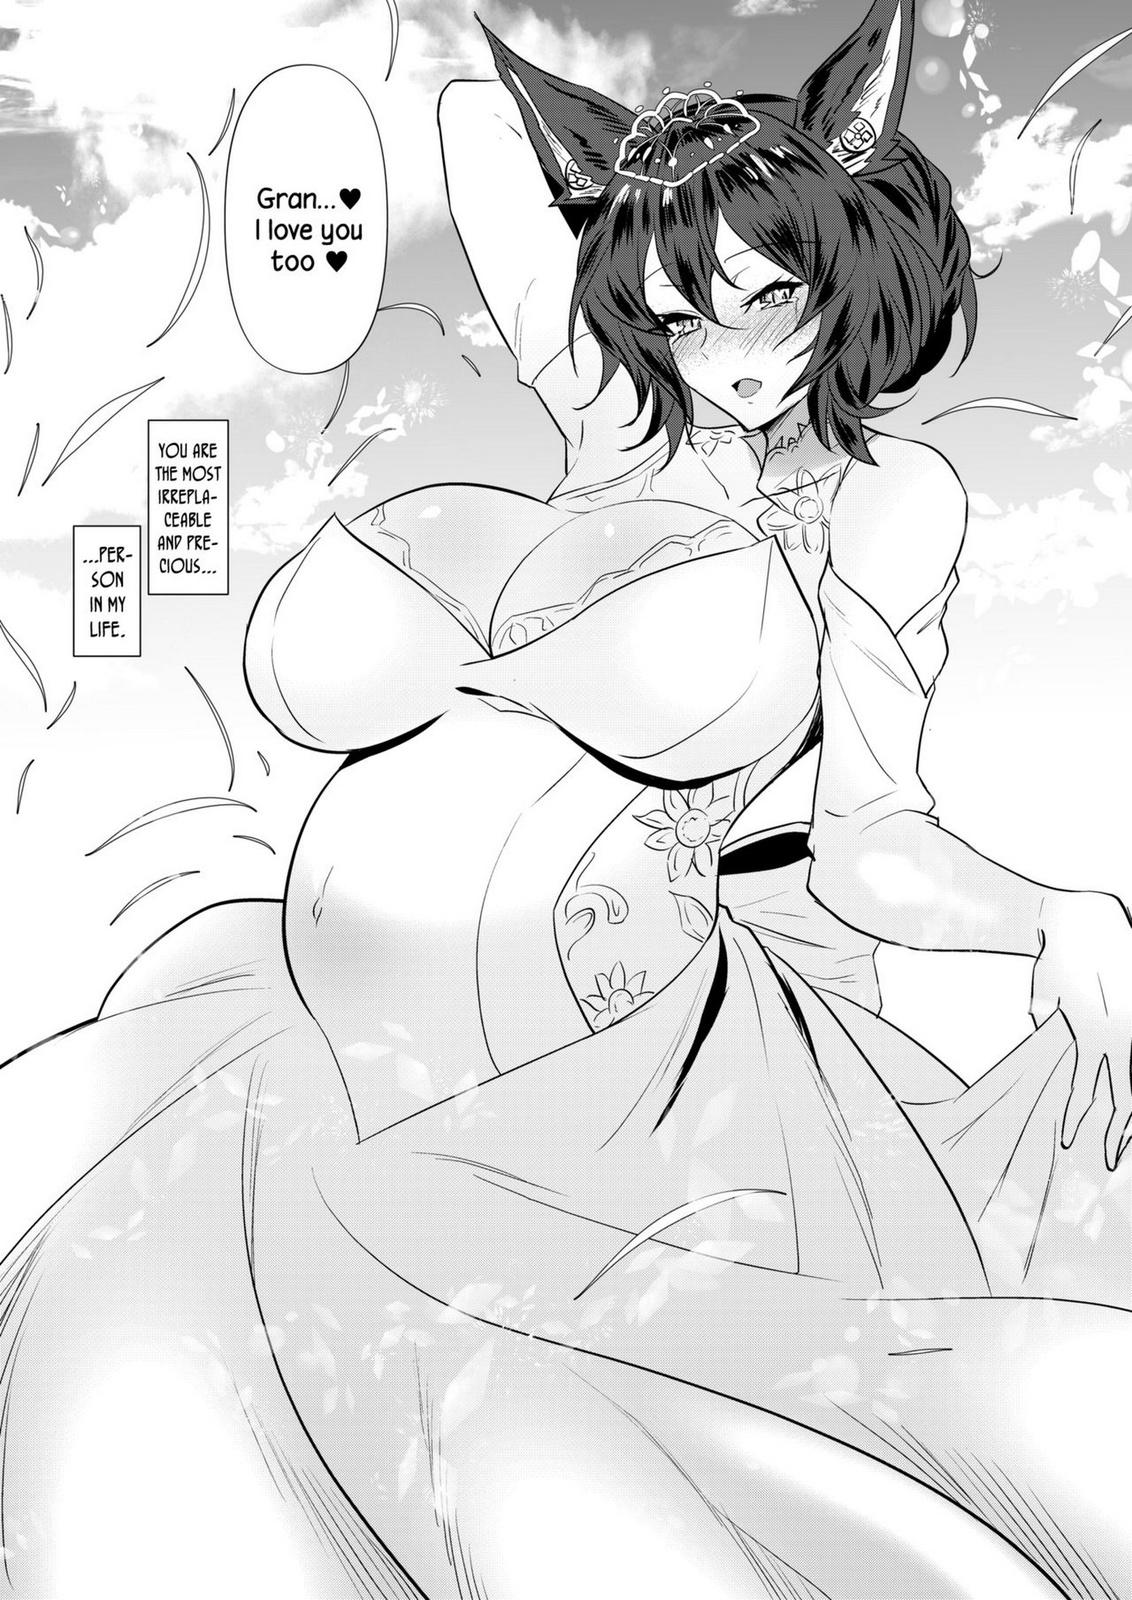 Ilsa true LOVE Granblue Fantasy WTwinMkII2nd 24